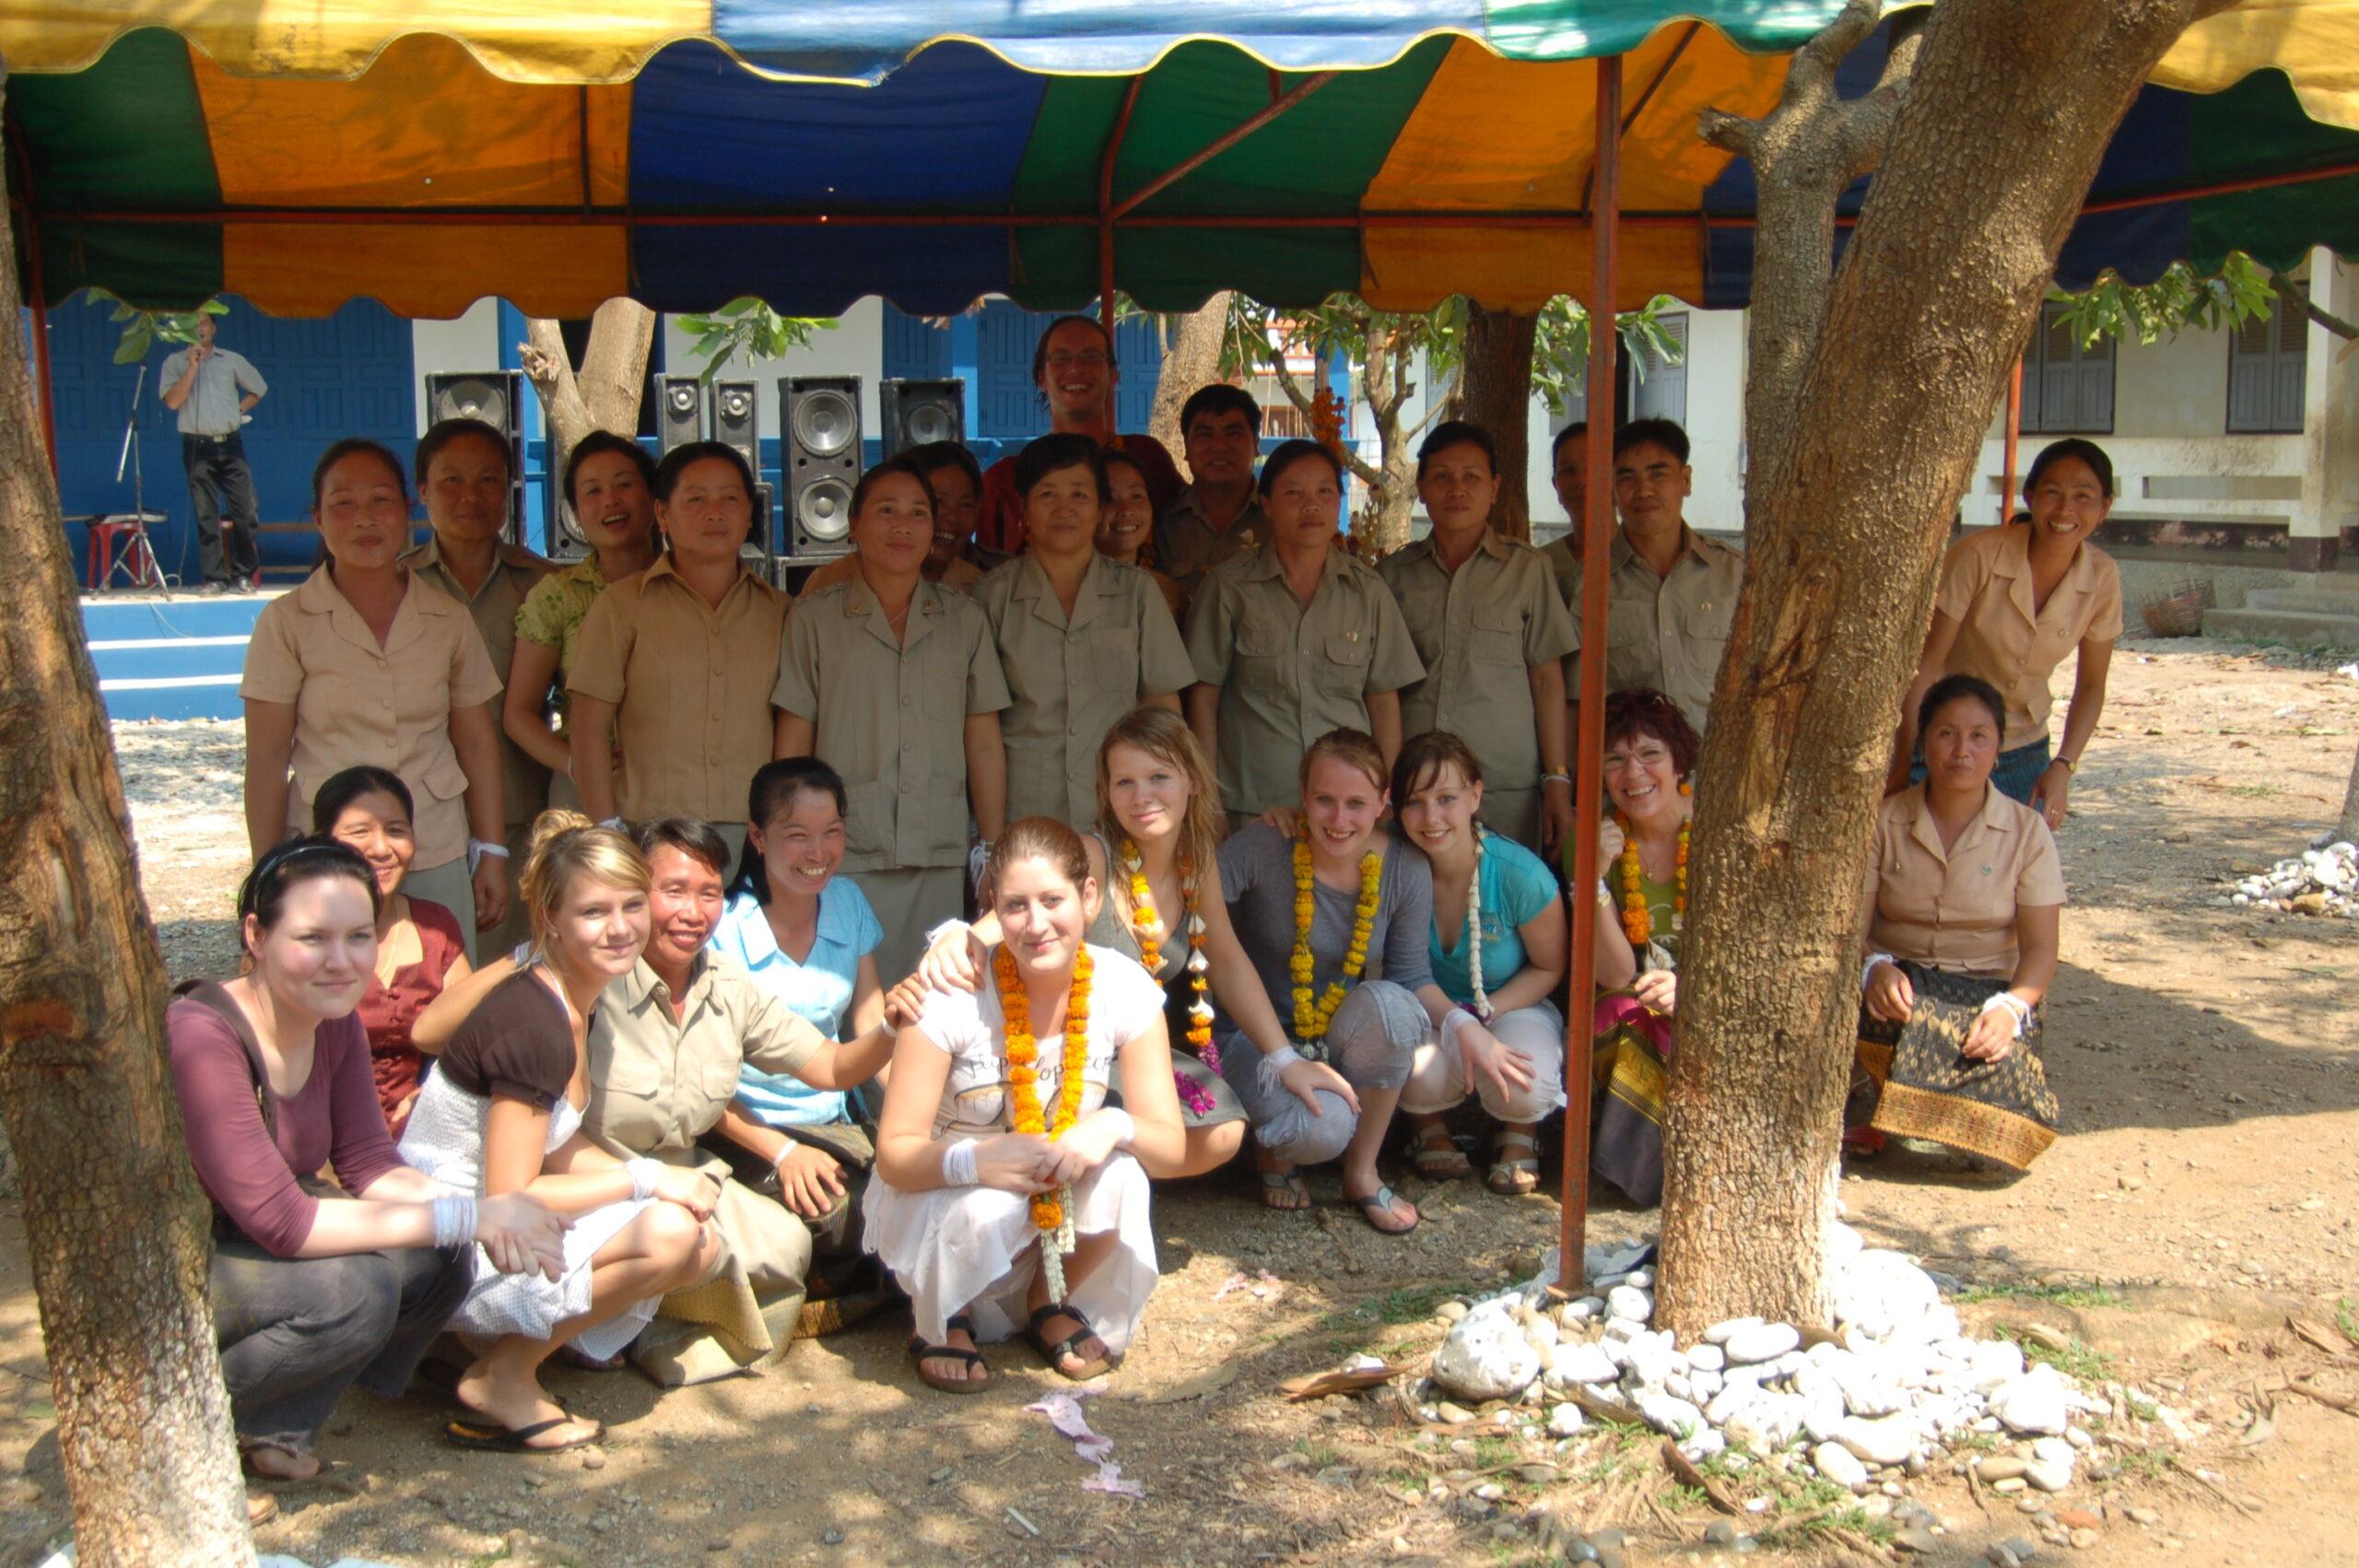 volunteering abroad for schools